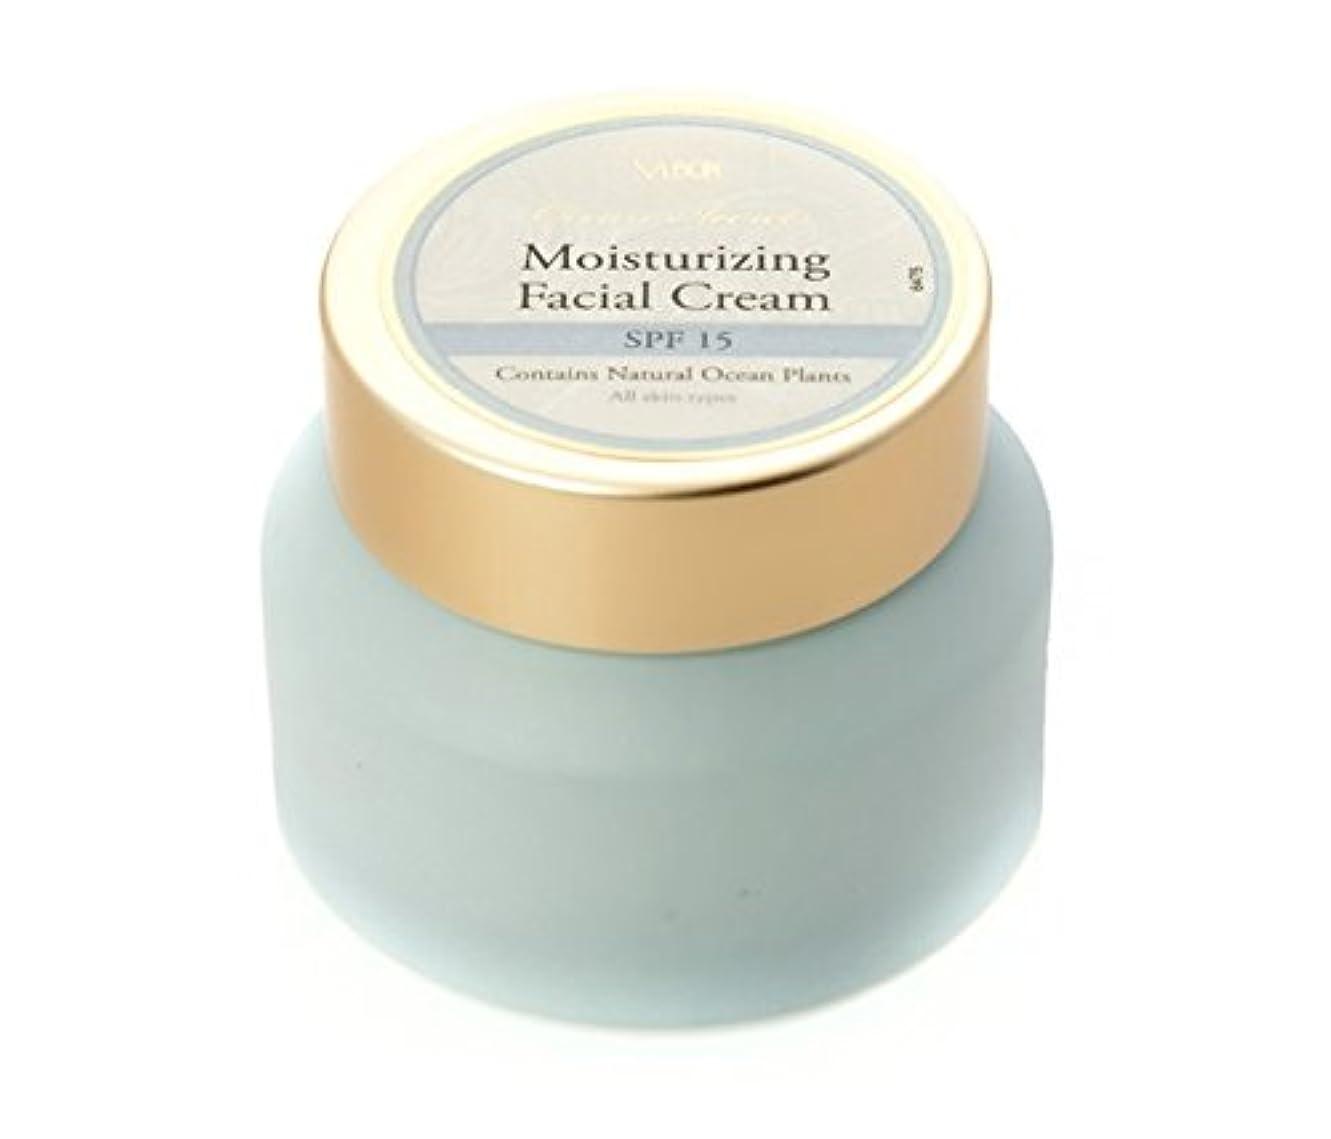 残るアラスカダーリン【SABON(サボン)】モイスチャライジング フェイシャルクリームSPF15(Ocean Secrets AP Moisturizing Facial Cream SPF 15)イスラエル発 並行輸入品 海外直送